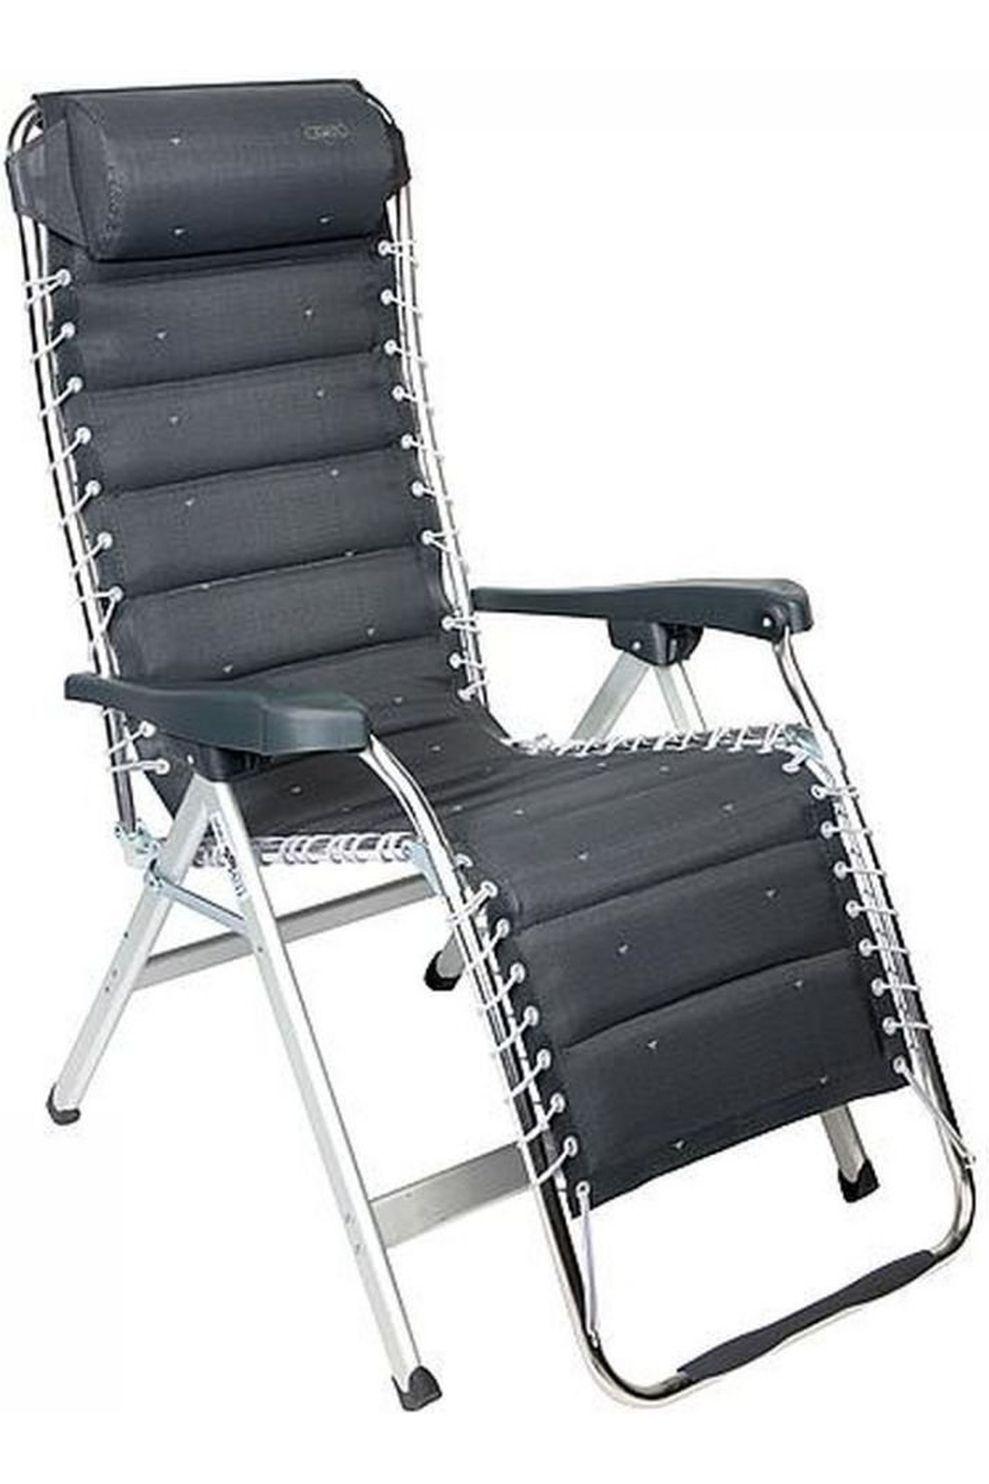 Crespo Relaxstoel Al-232 Deluxe - Grijs